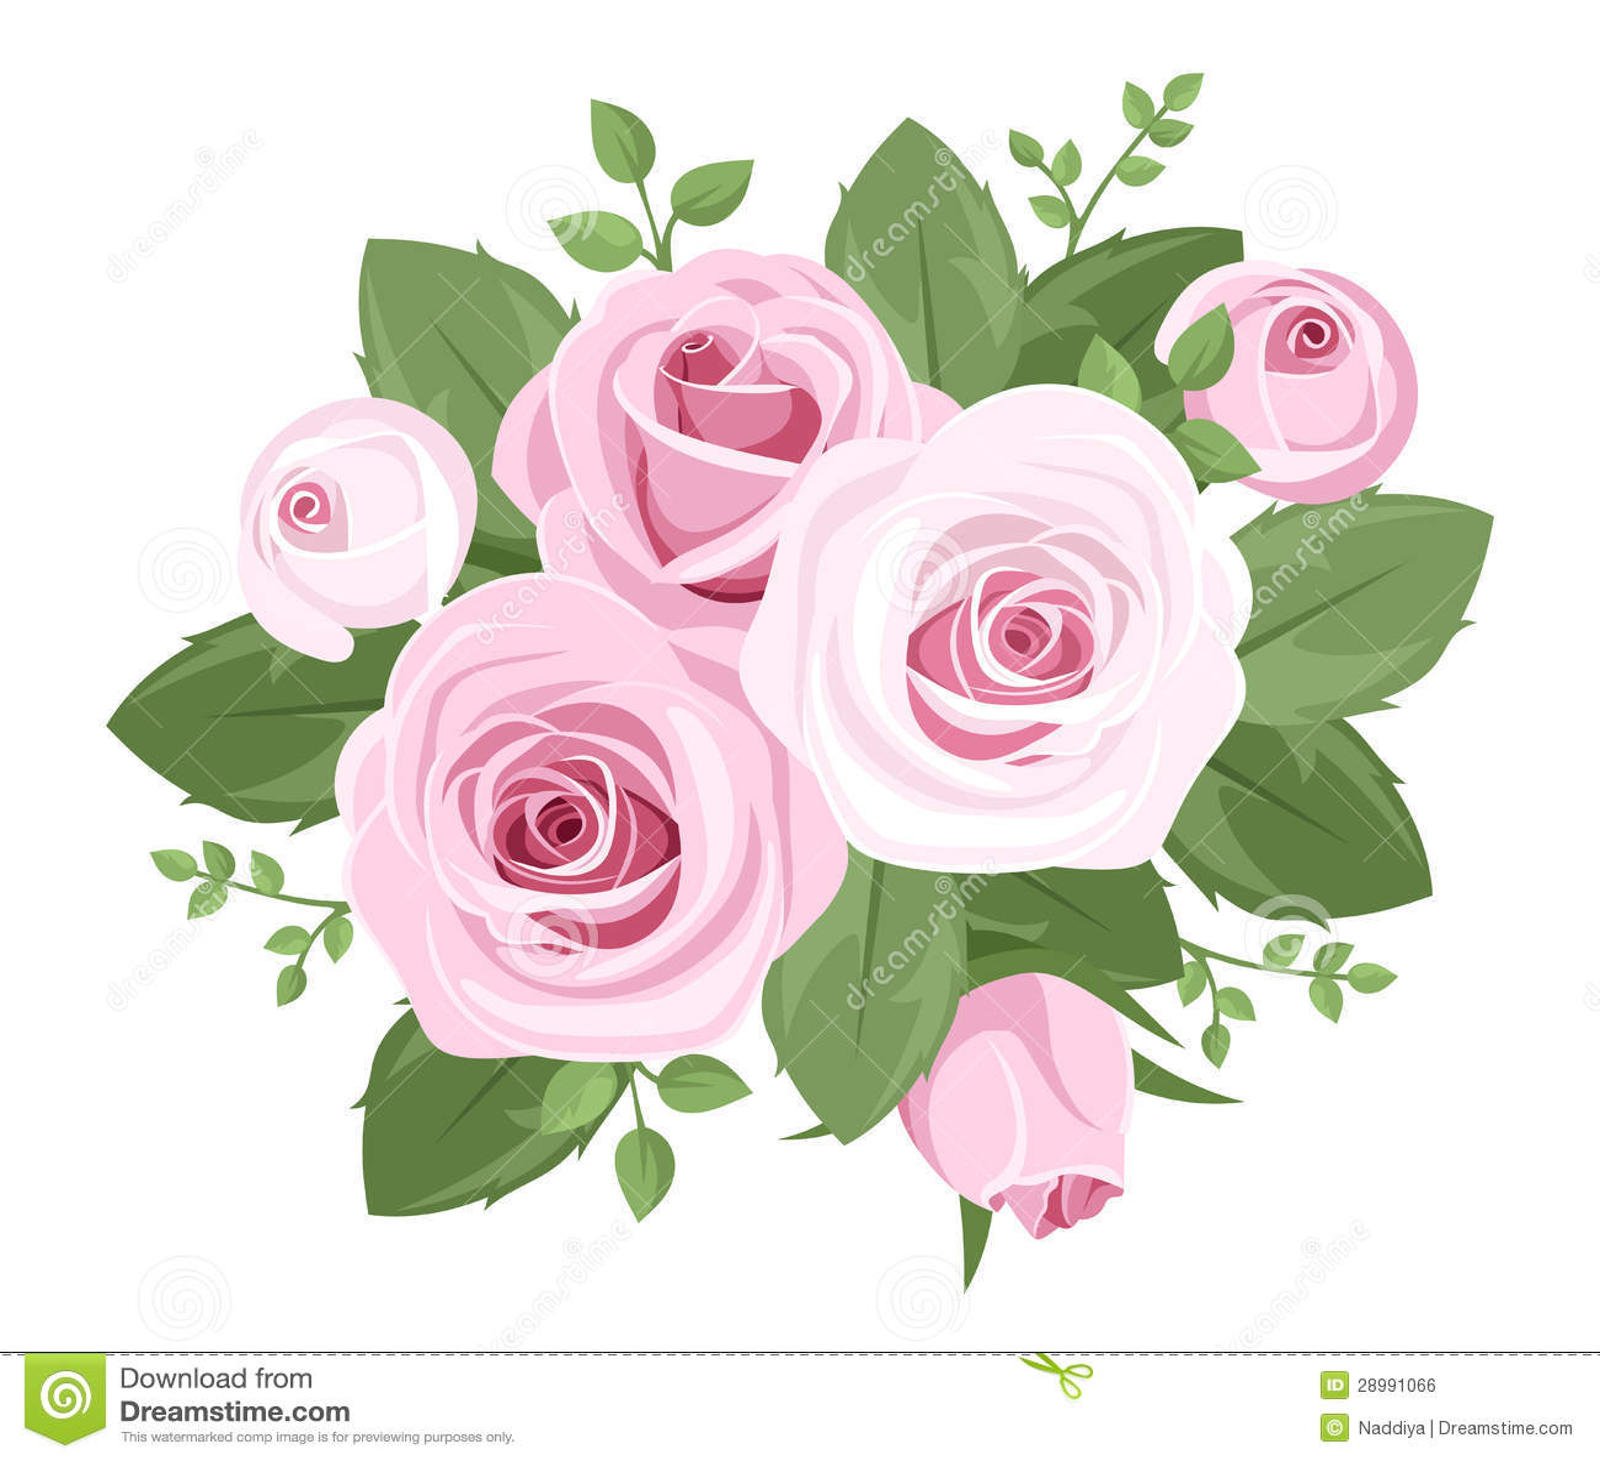 Rosas, capullos de rosa y hojas rosados.